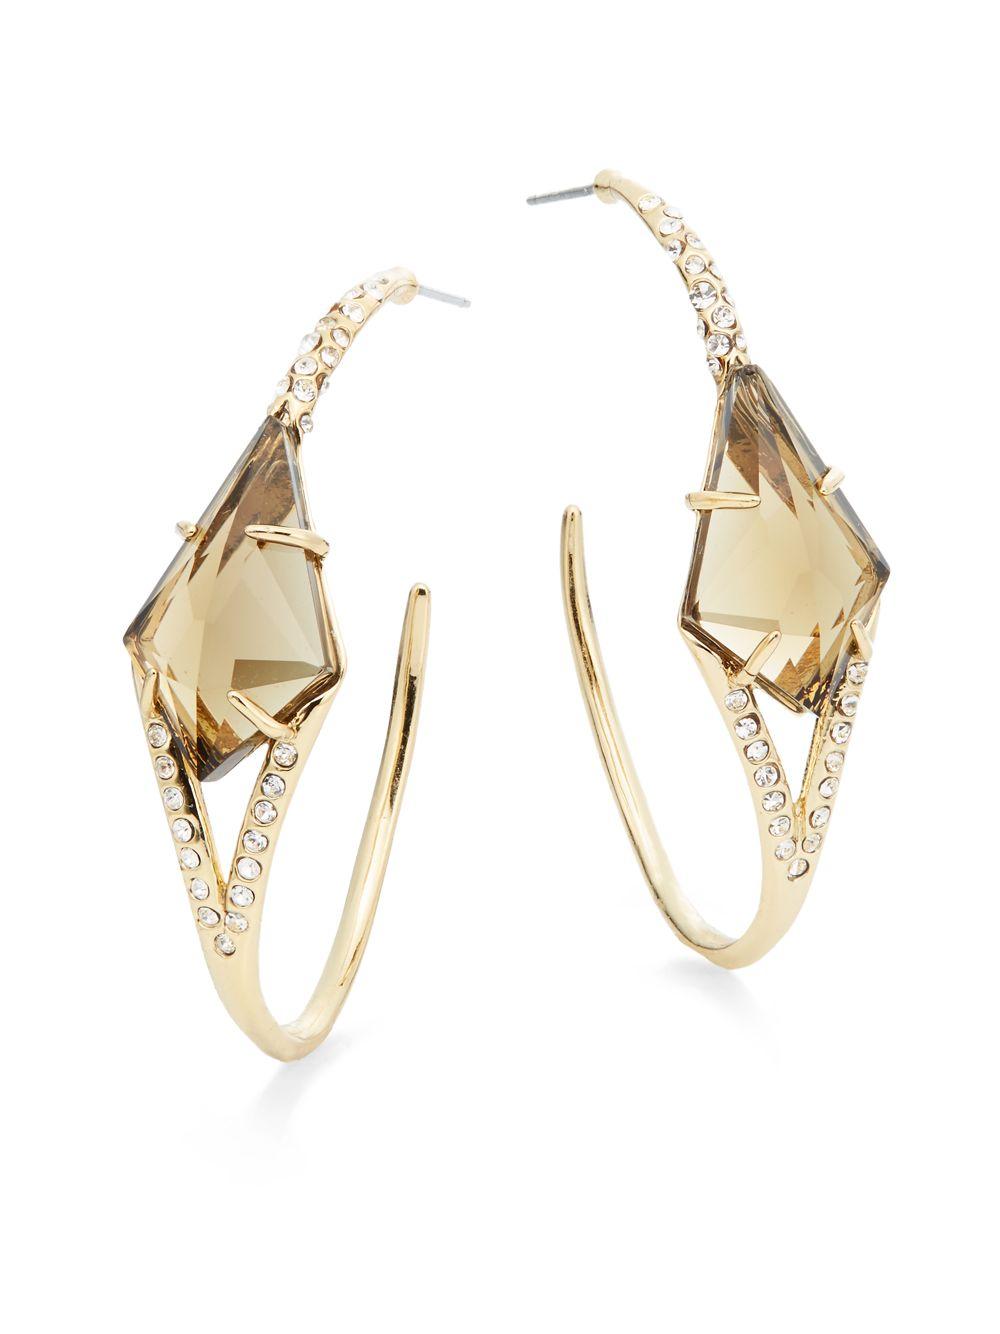 Alexis Bittar Crystal & Pyrite Hoop Earrings z7B4osL